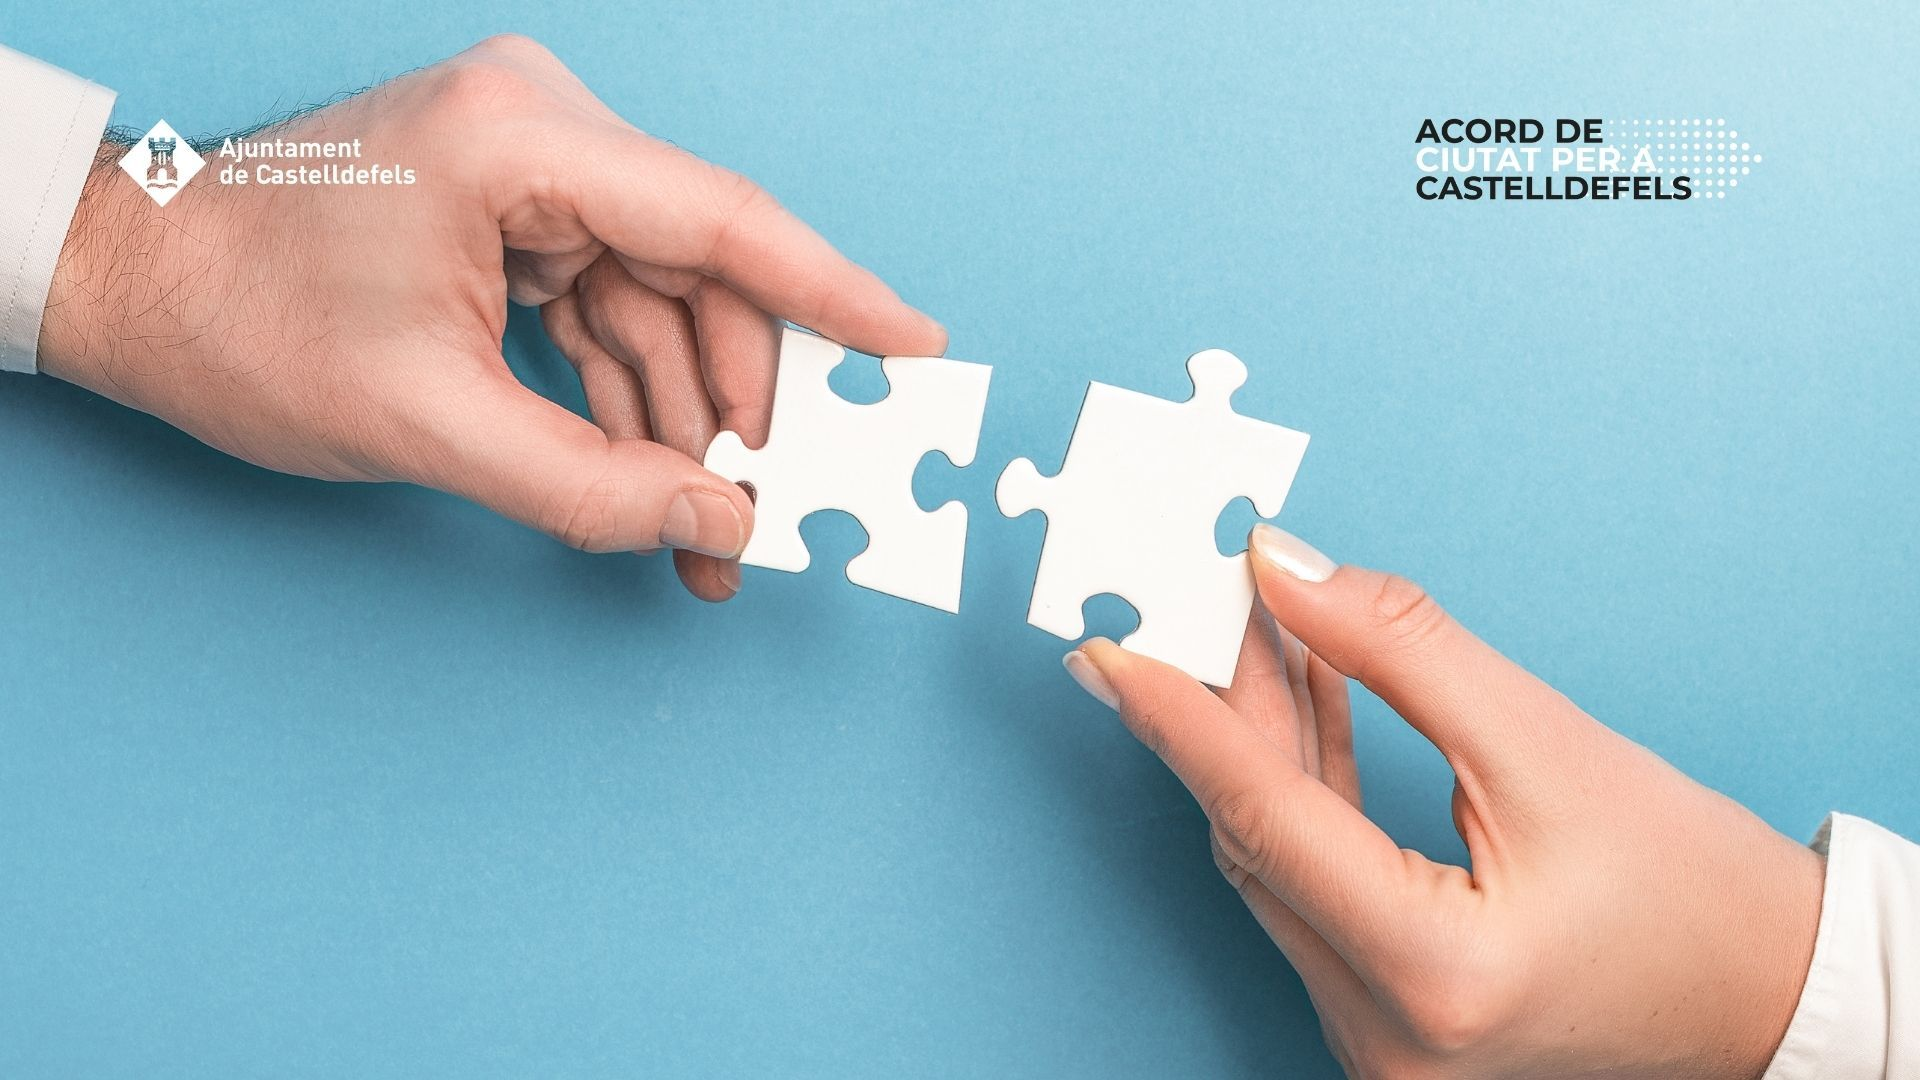 Serveis Per La Reactivació Econòmica En Línia Amb L'Acord